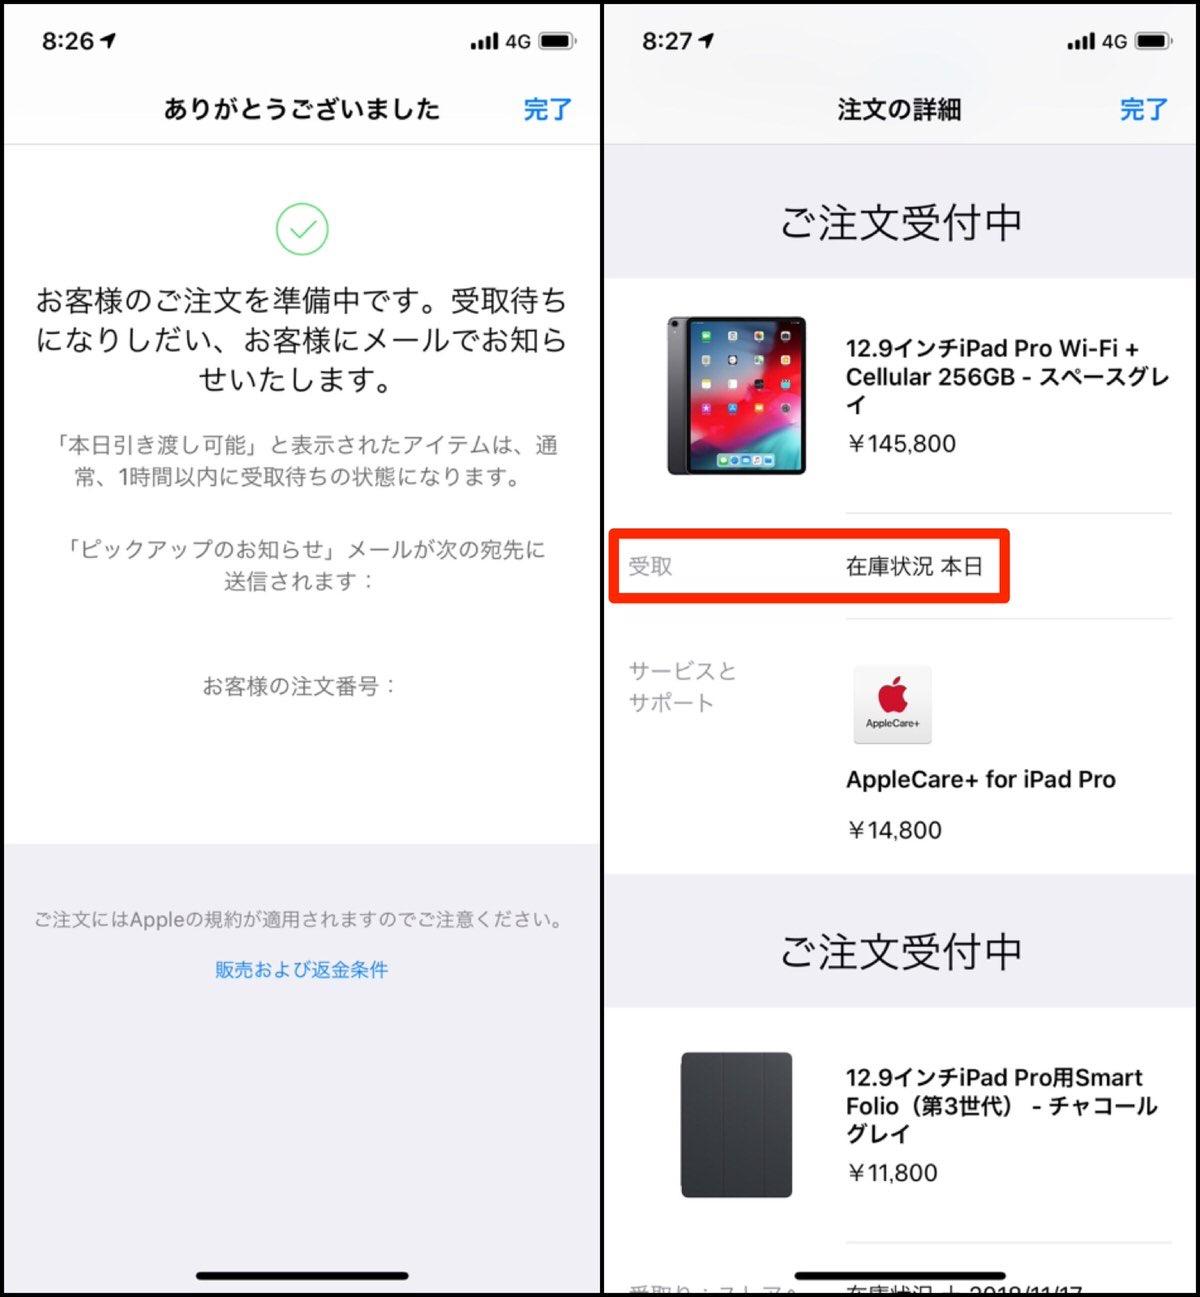 新型iPad Pro-6